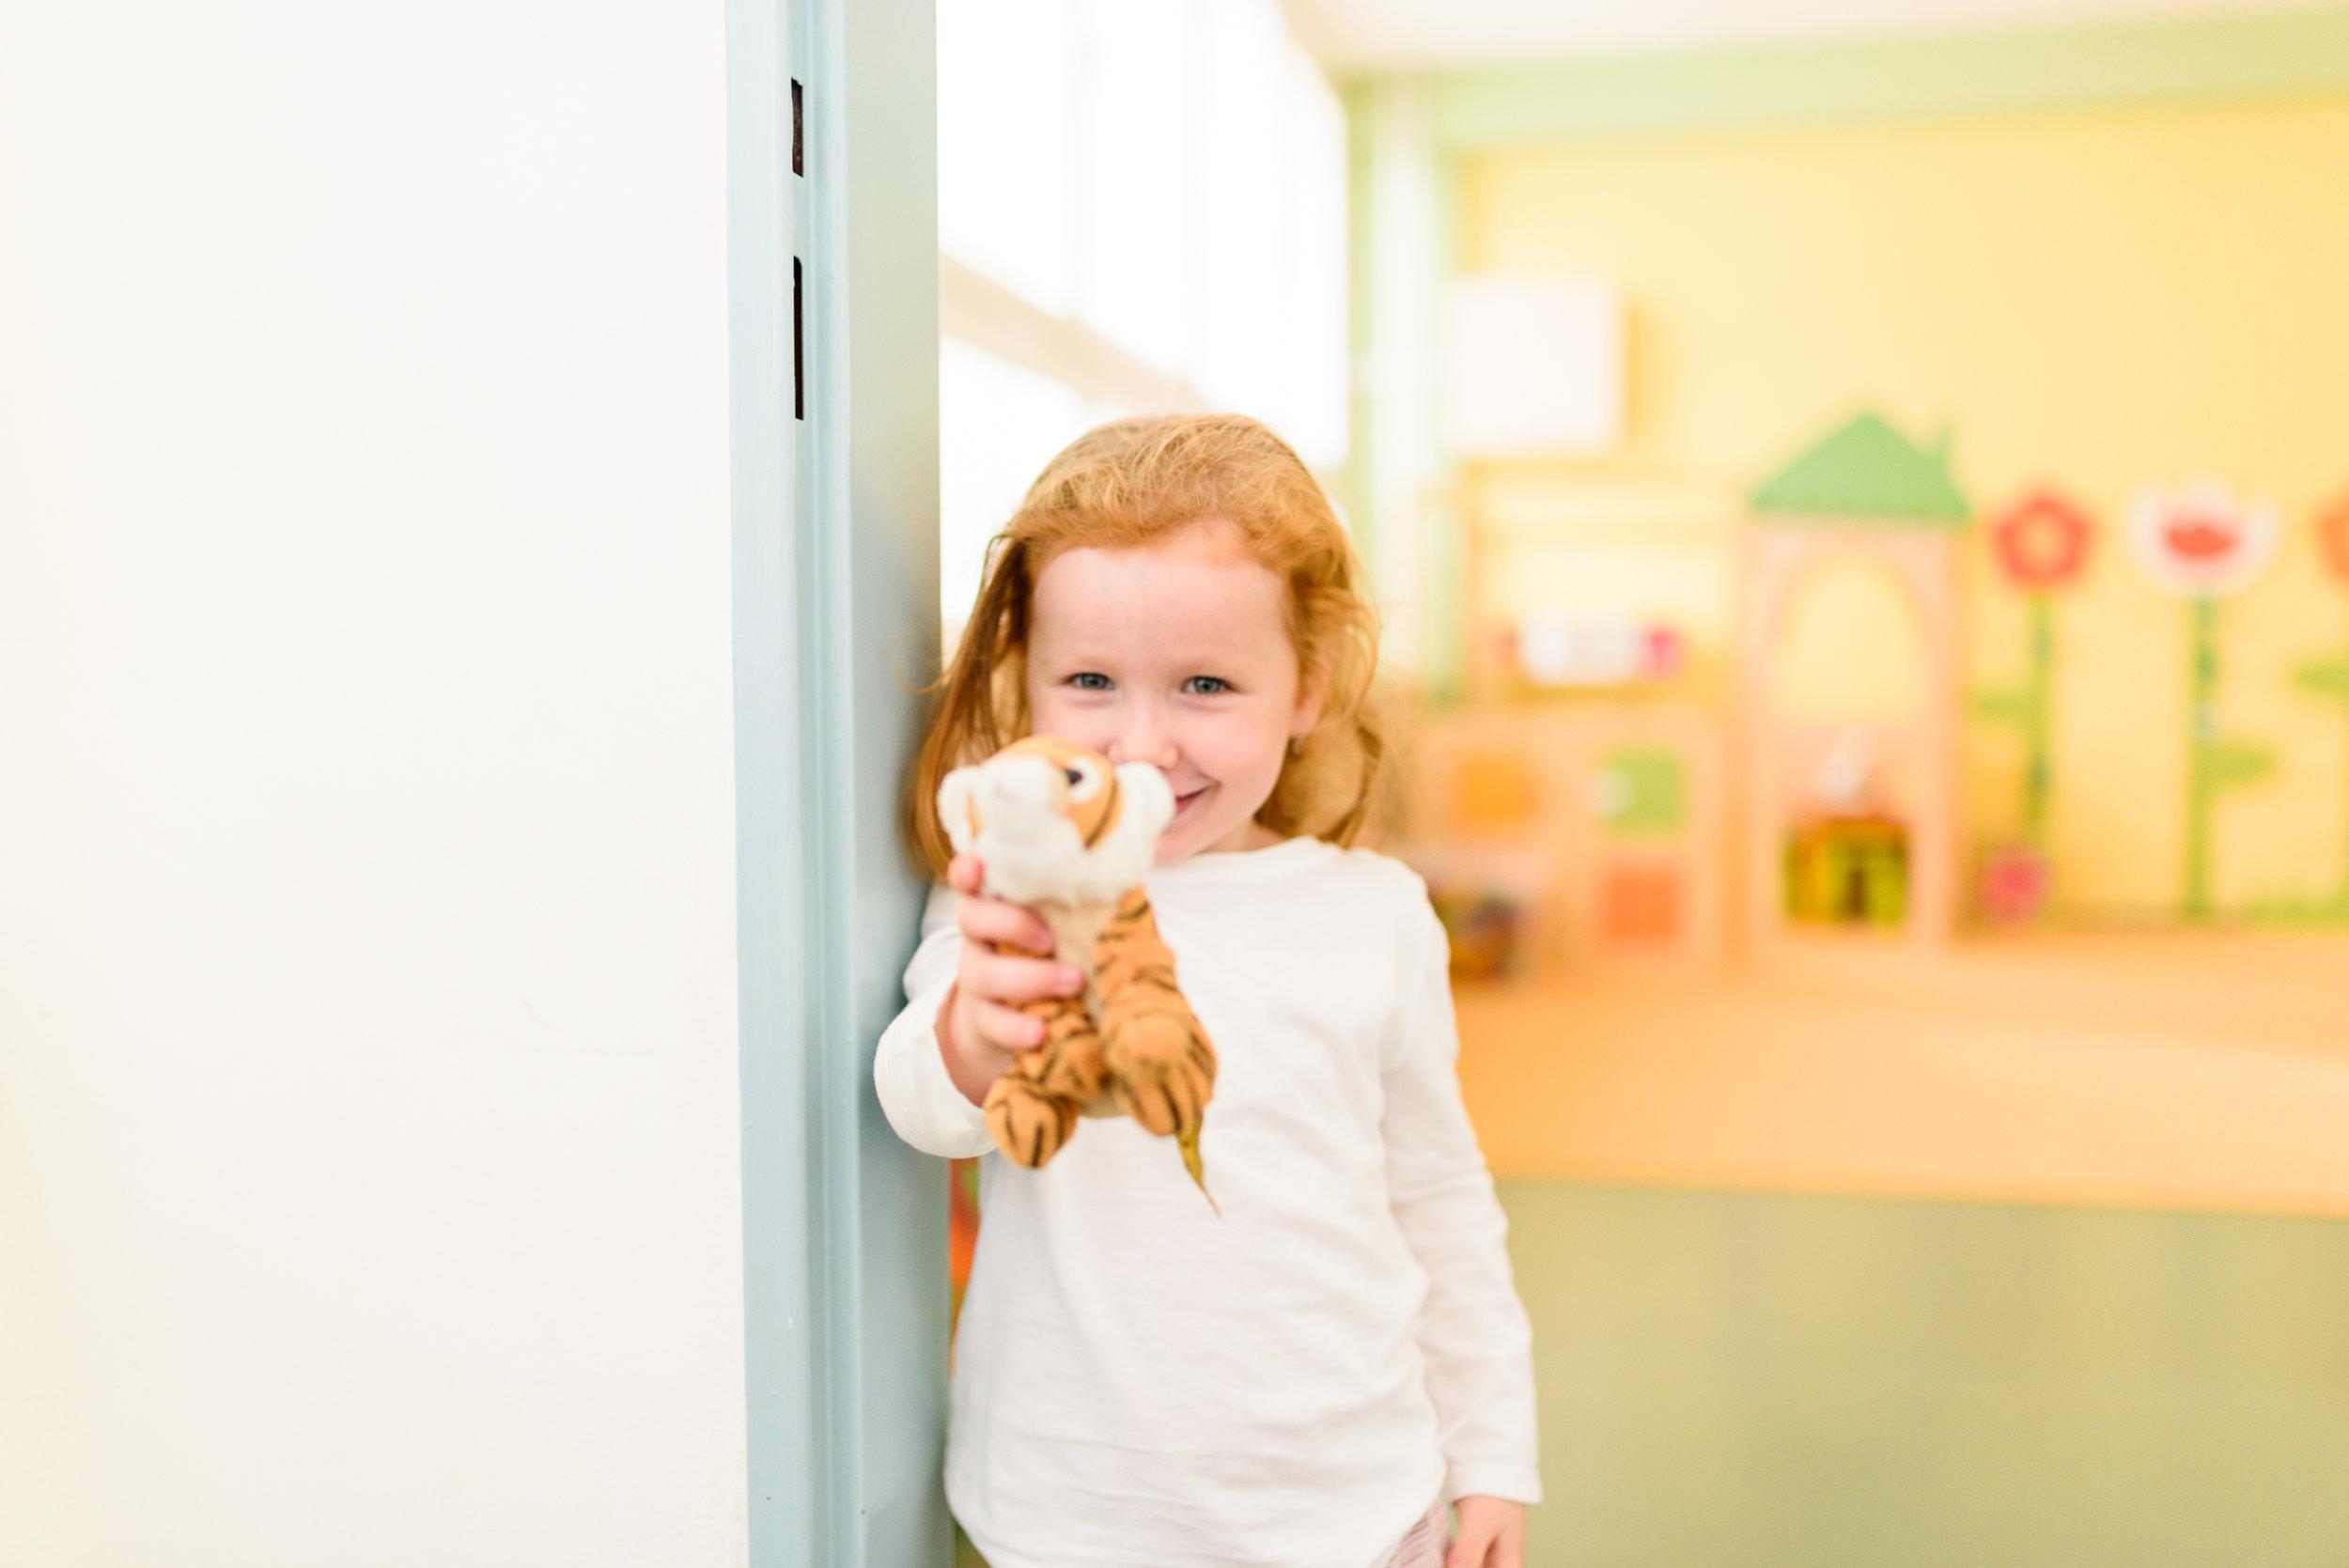 Denný režim - prispôsobený deťom: mnohé deti najmä vo veku 5, 6 rokov už nepotrebujú popoludňajší spánok. Pre tie sú pripravené oddychové kútiky, v ktorých majú možnosť odpočinúť si popoludní, pričom nikto ich nenúti spať.